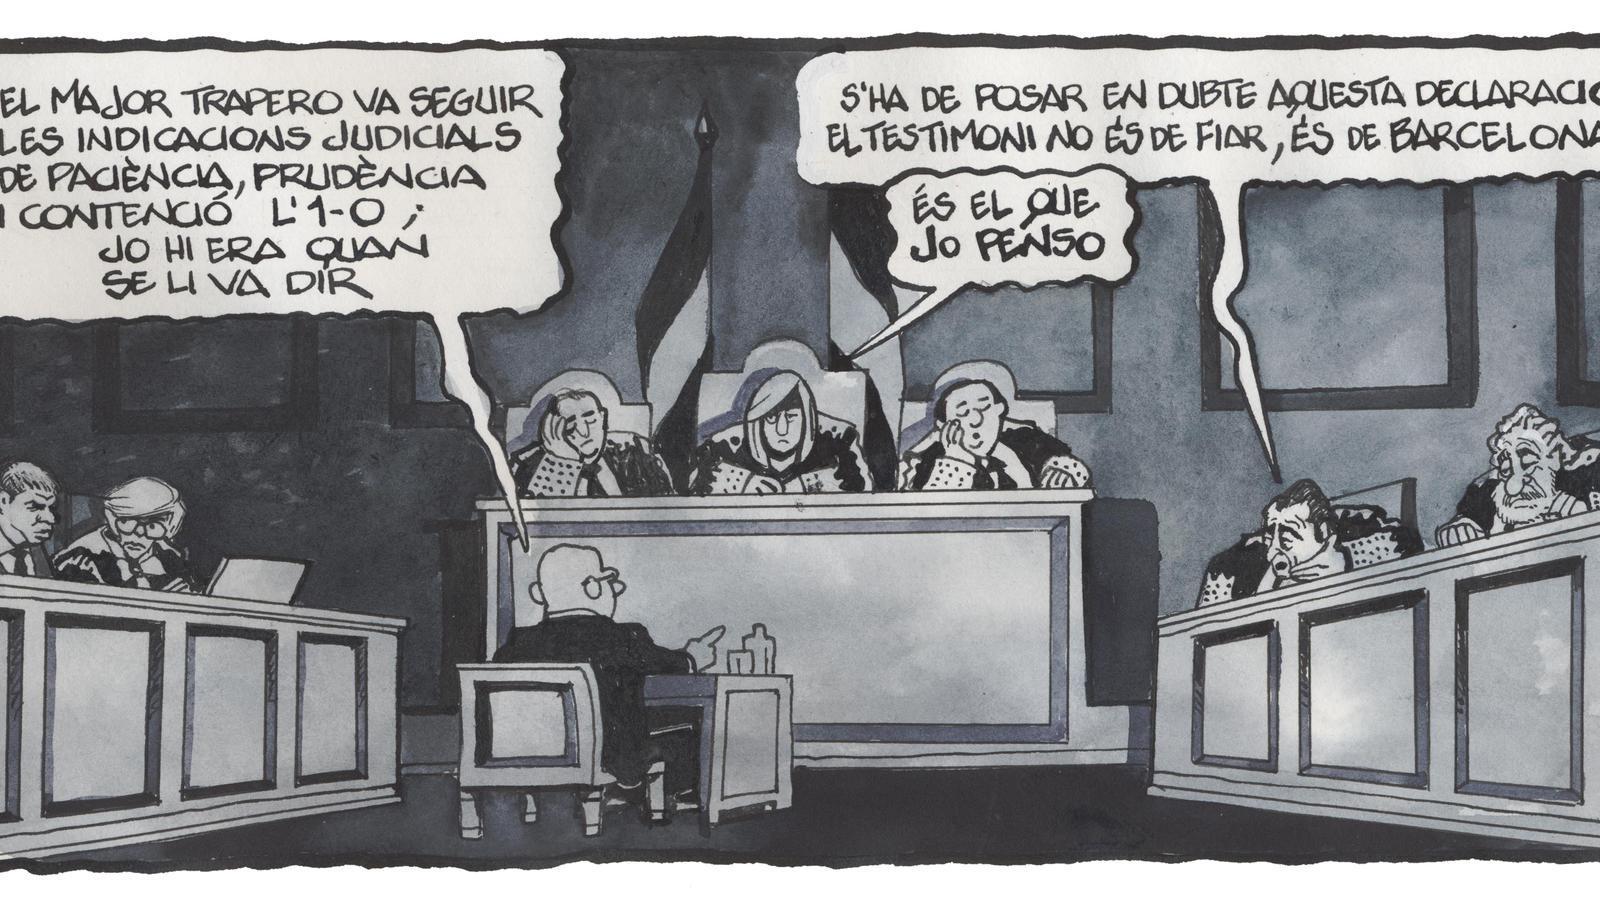 'A la contra', per Ferreres 07/03/2020